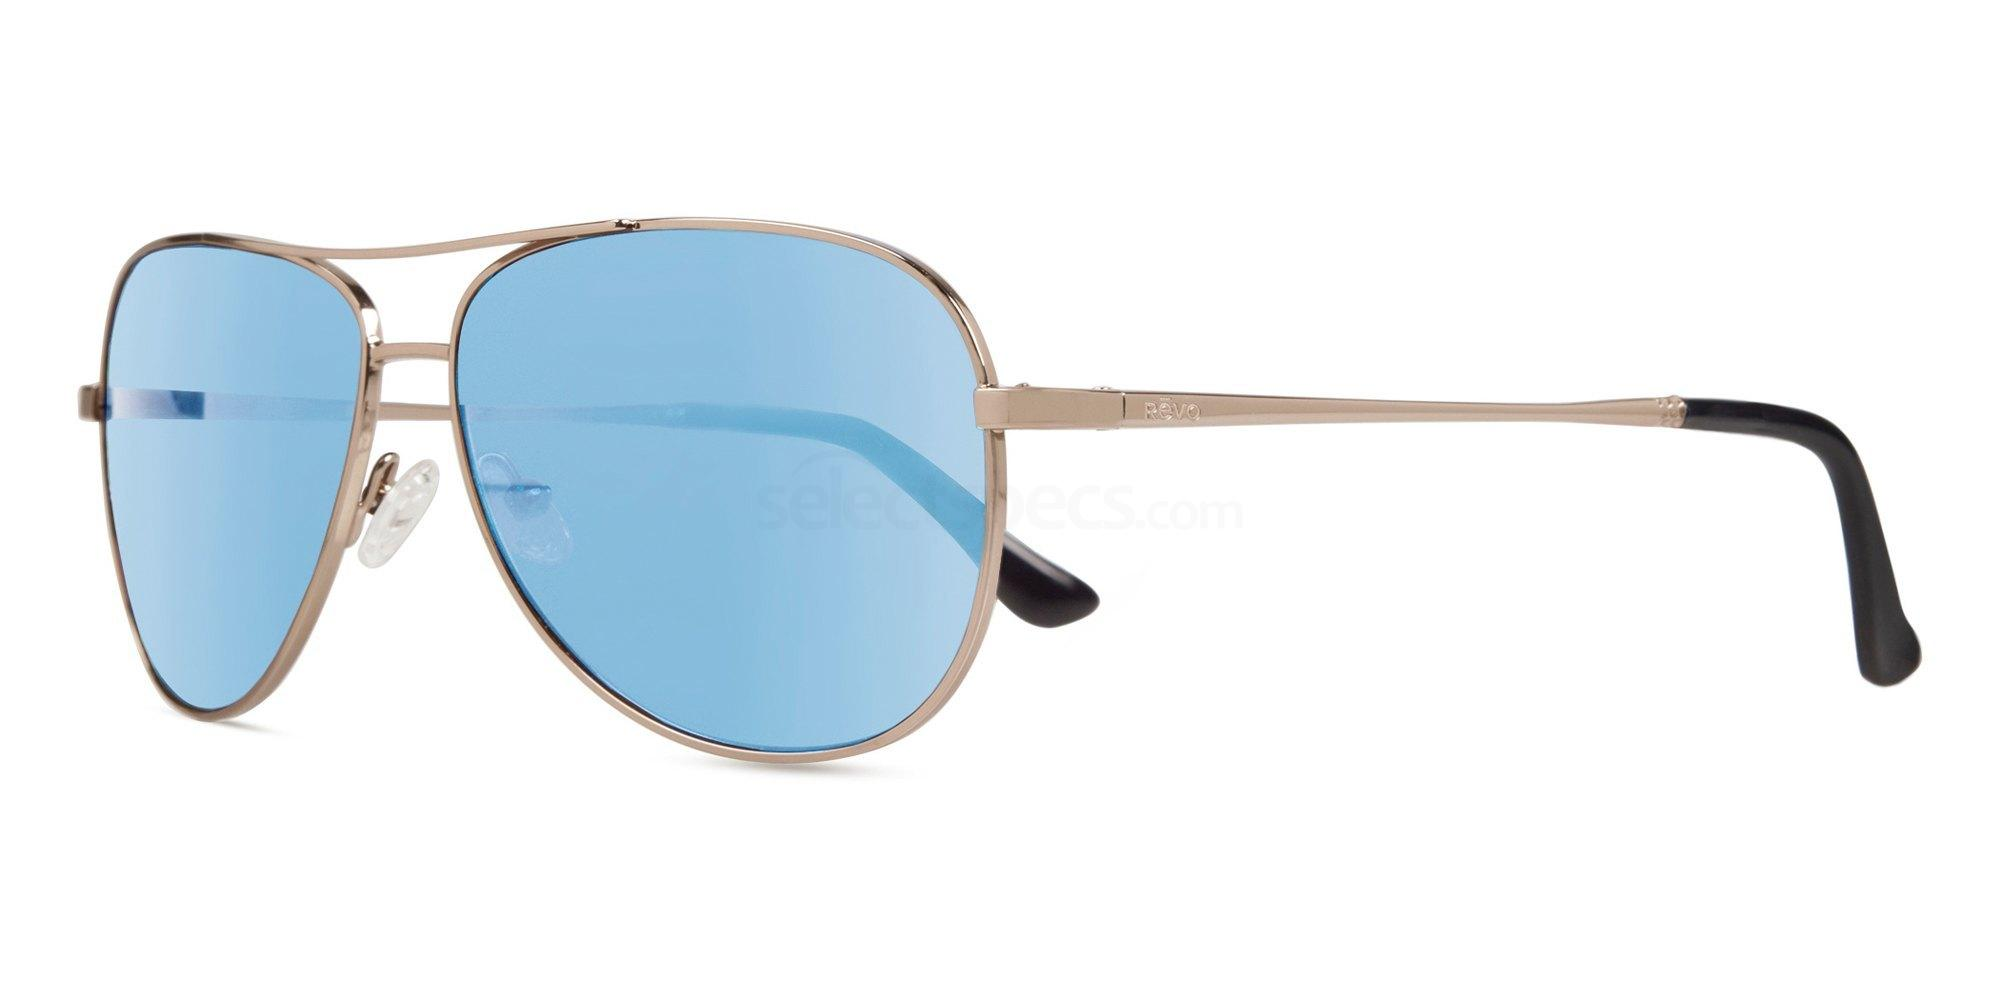 00BL Relay - 351014 Sunglasses, Revo